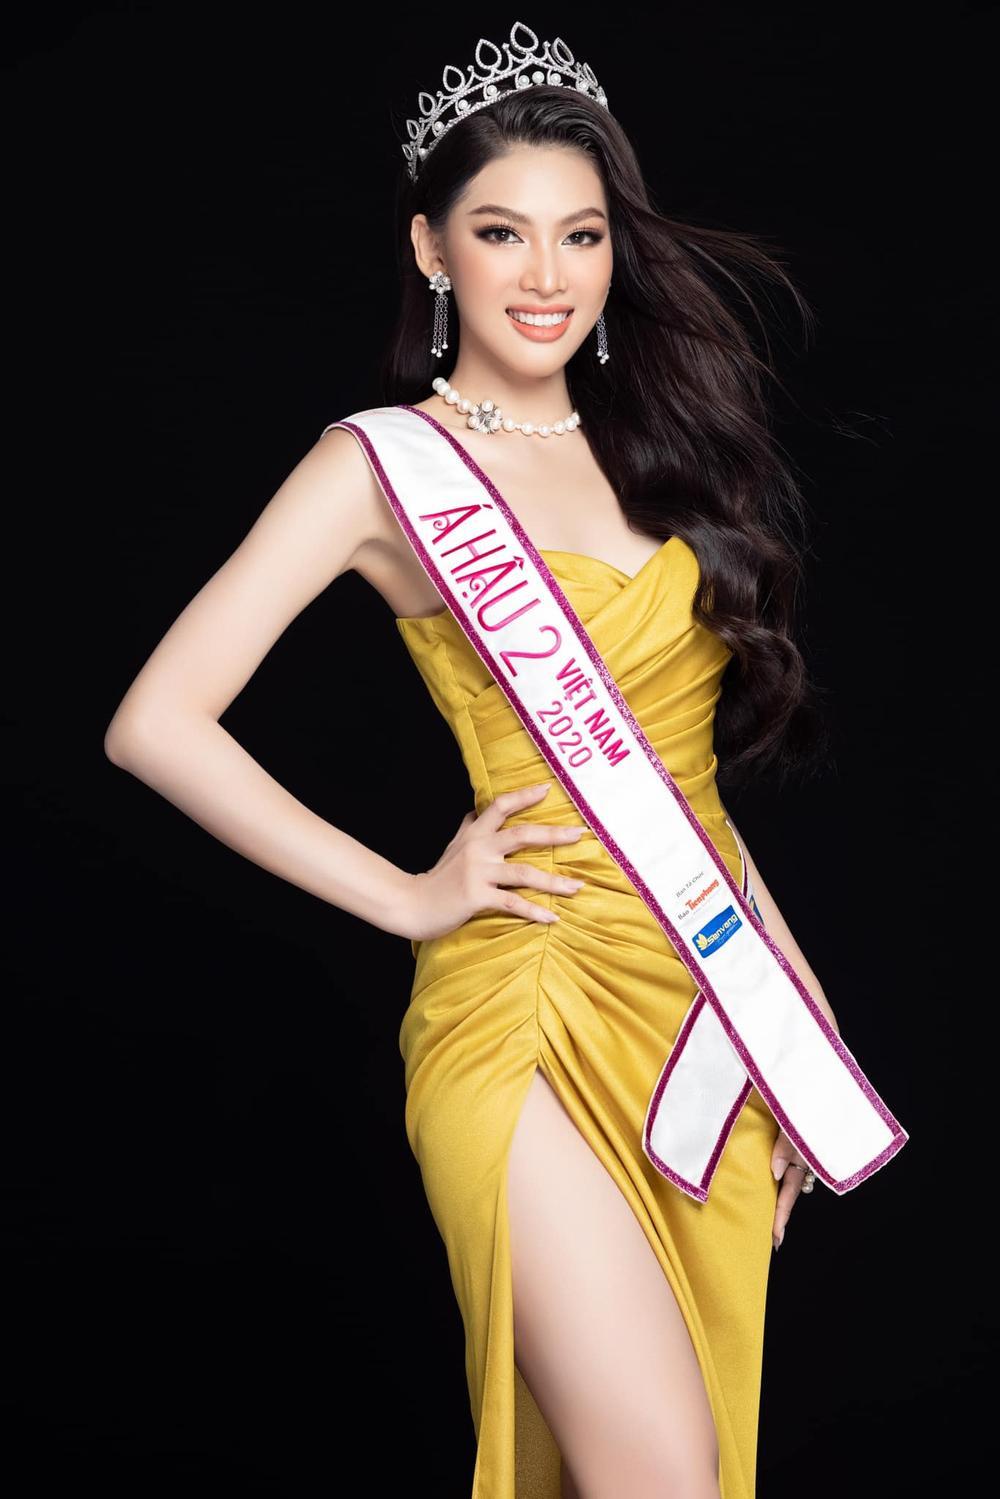 Ngọc Thảo tung Video Intro Miss Grand đầy tự tin: 'Tôi là Tân Hoa hậu Hòa bình, làm quen với điều đó đi' Ảnh 12